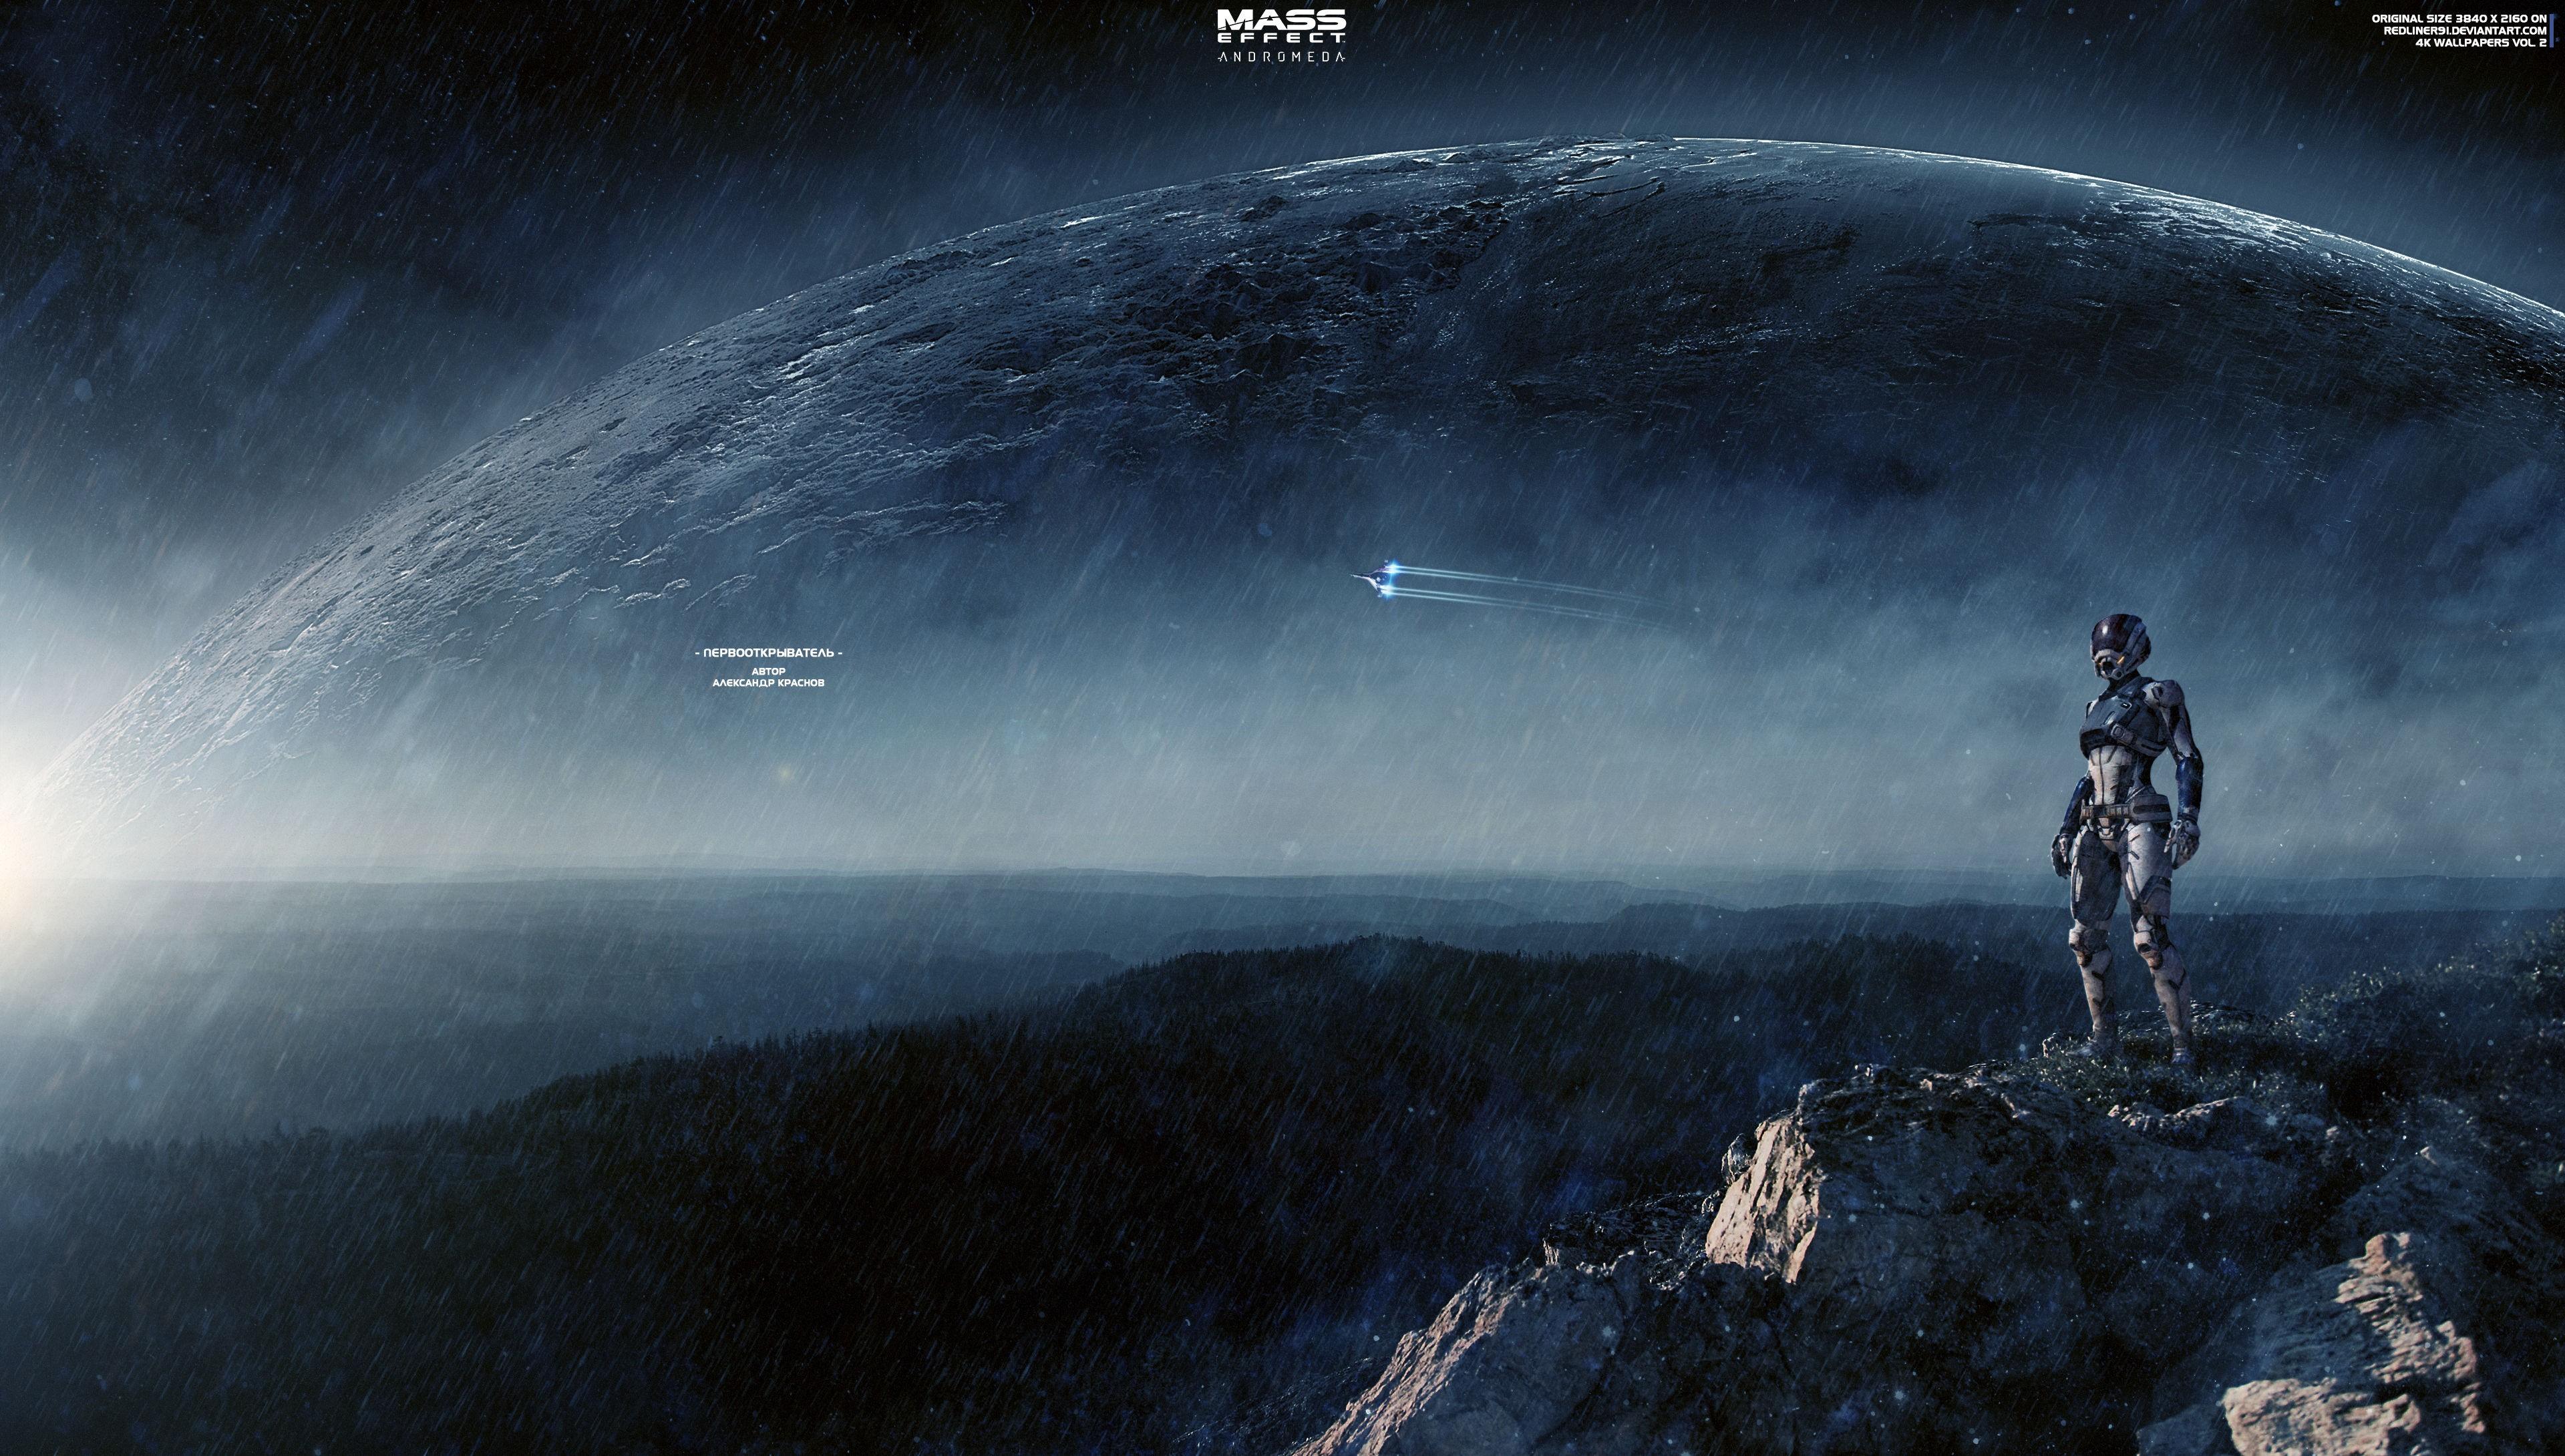 Fondos de pantalla efecto masivo noche tierra luz de for Espacio exterior 4k